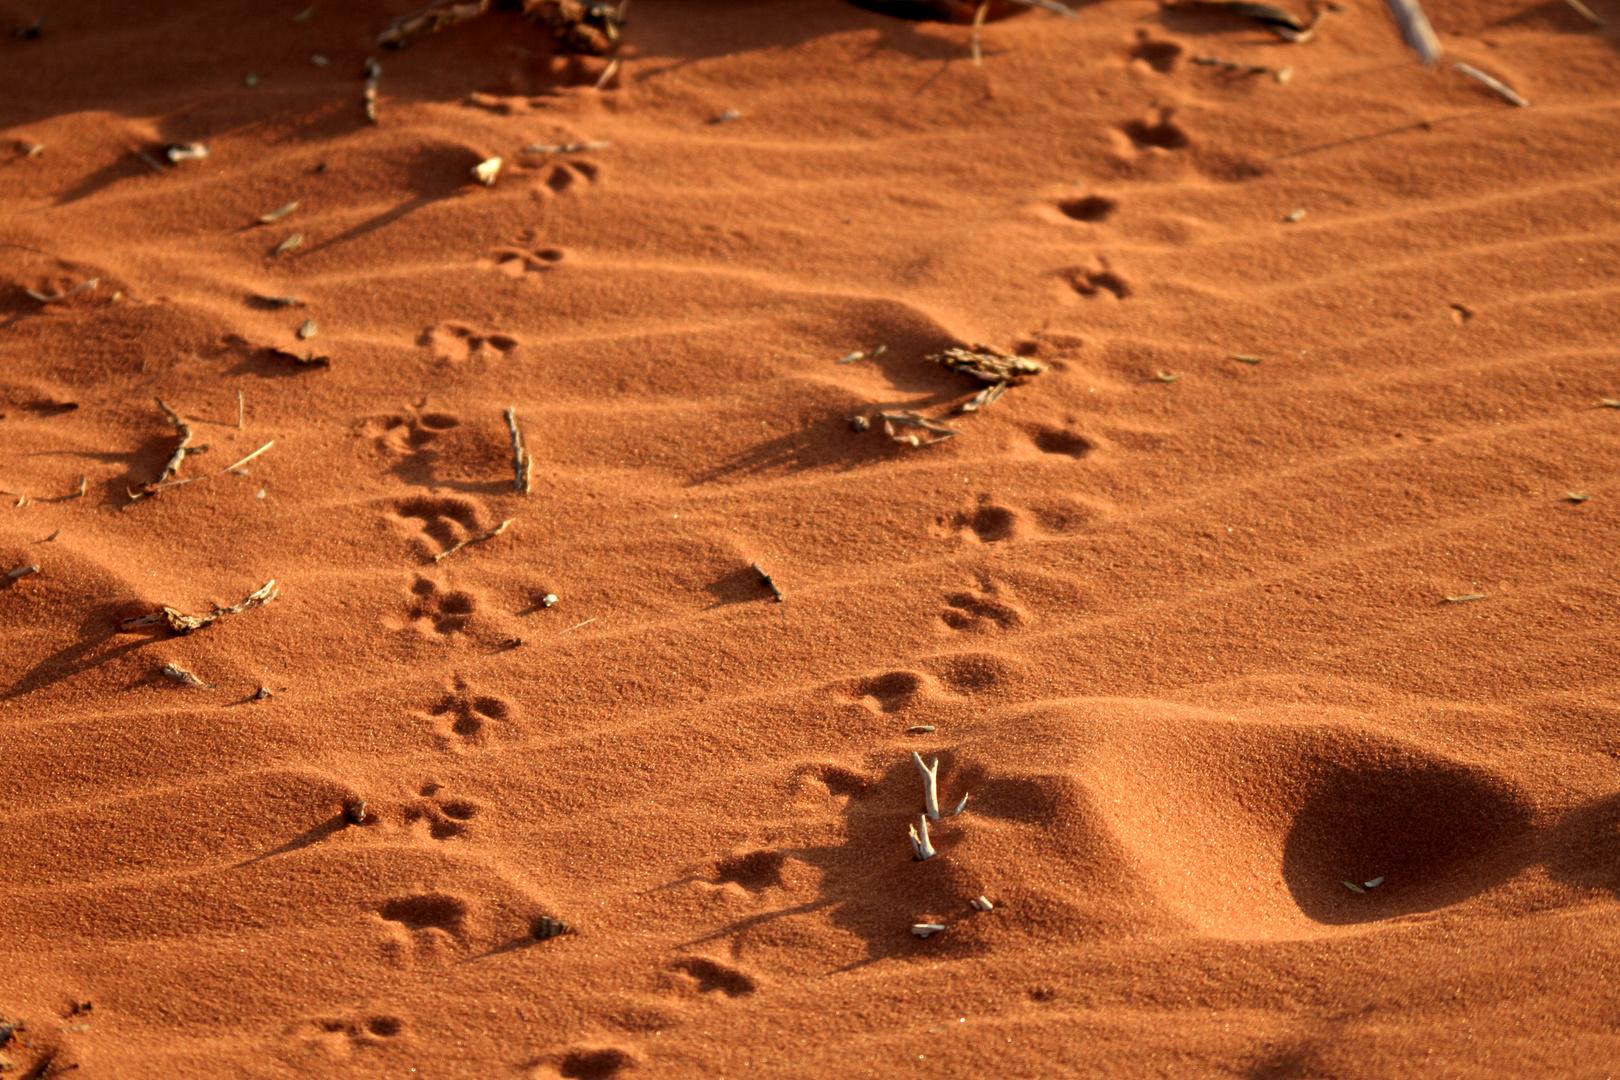 Wessen Spuren im Sand?